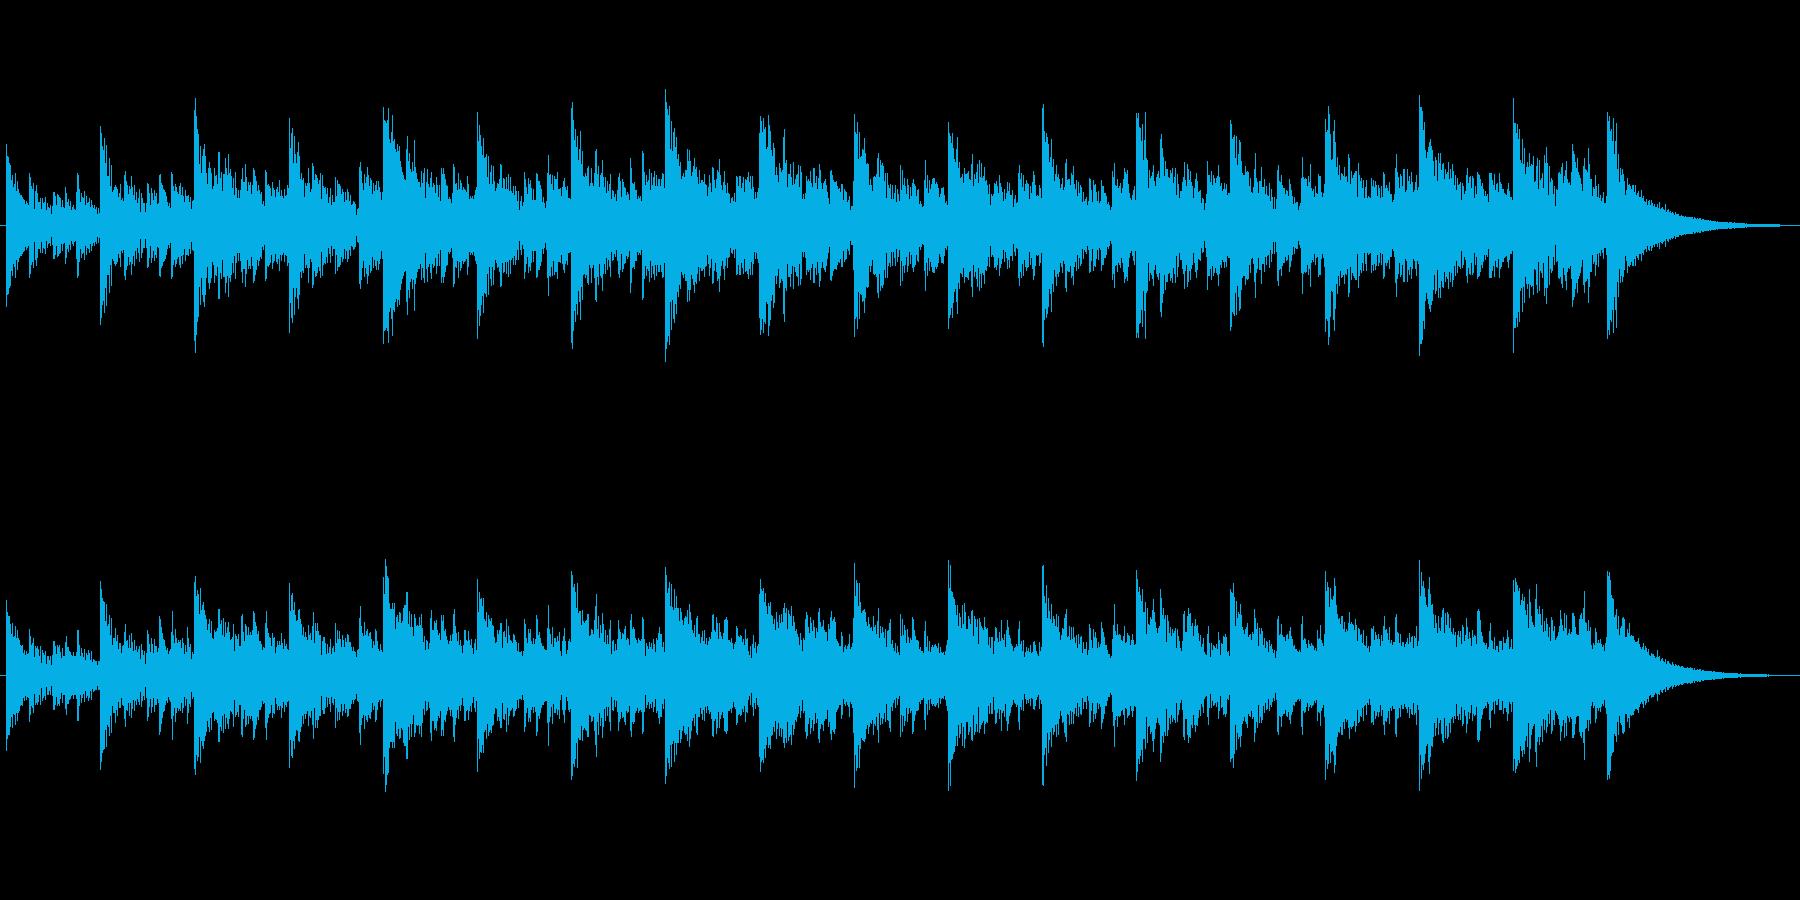 パーカッションとシンセの不思議なジングルの再生済みの波形